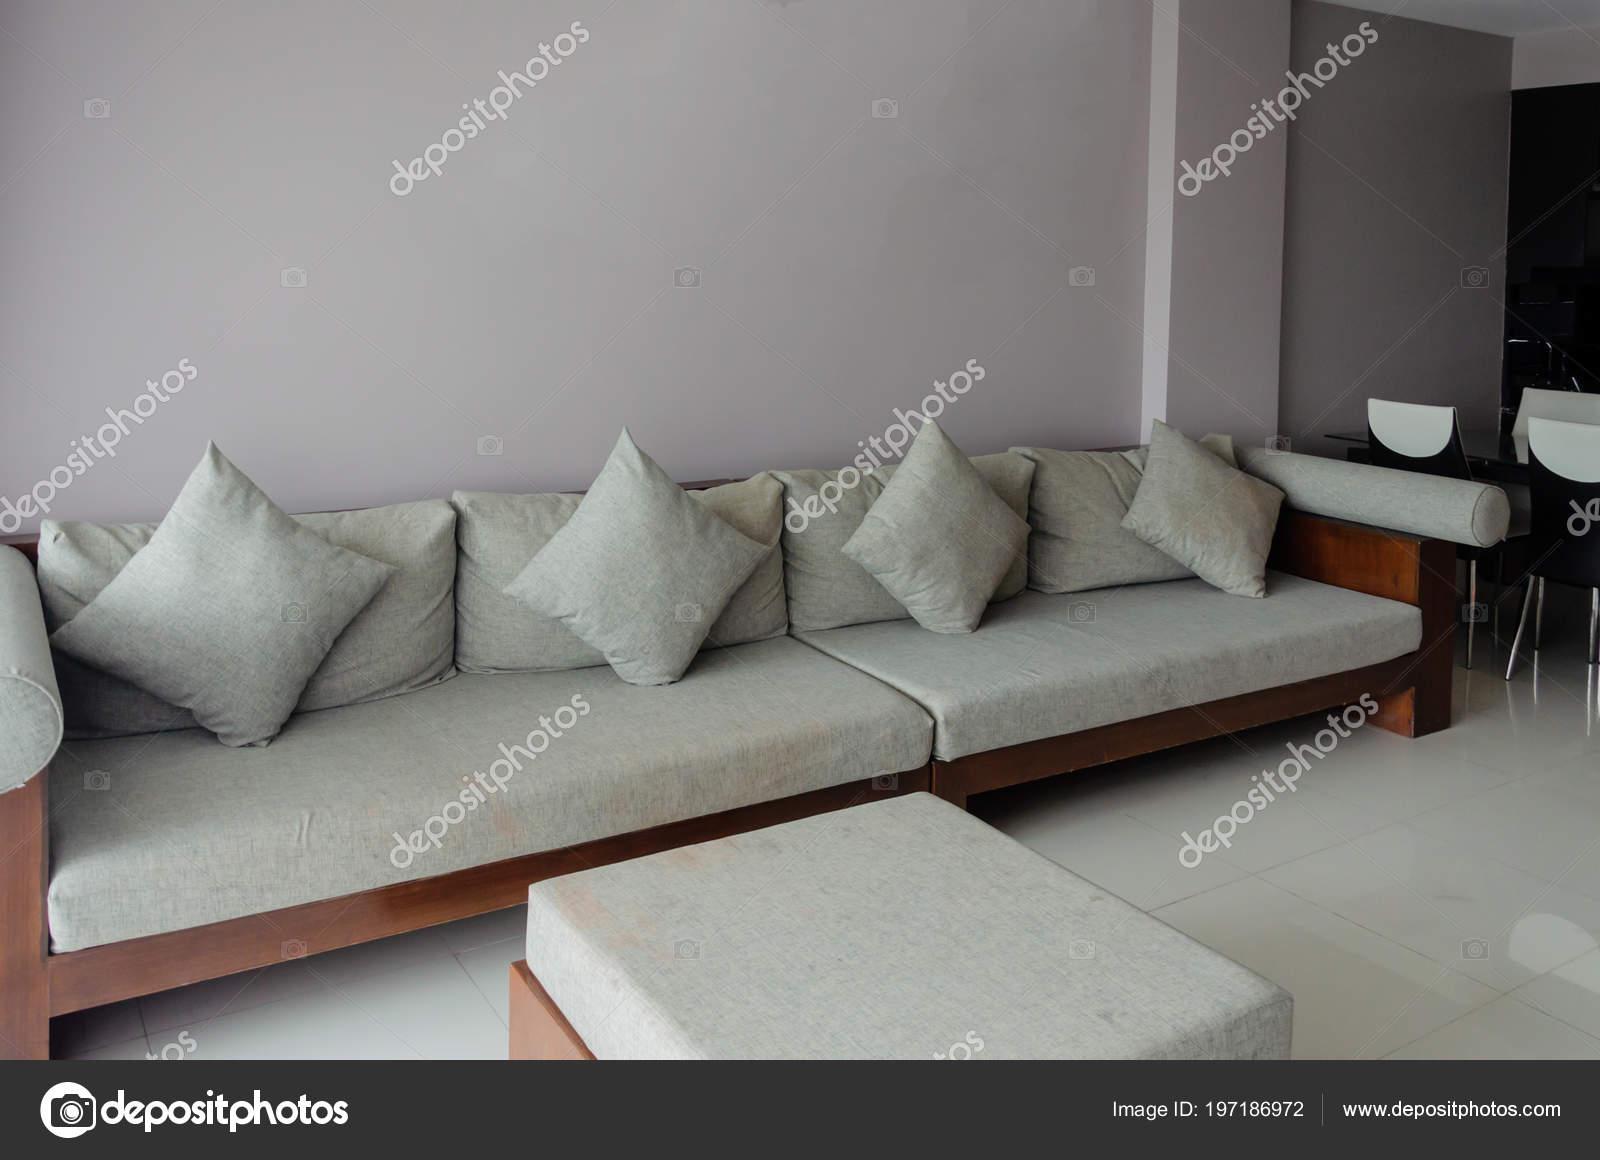 Canapé Moderne Dans Salon — Photographie aoo8449 © #197186972